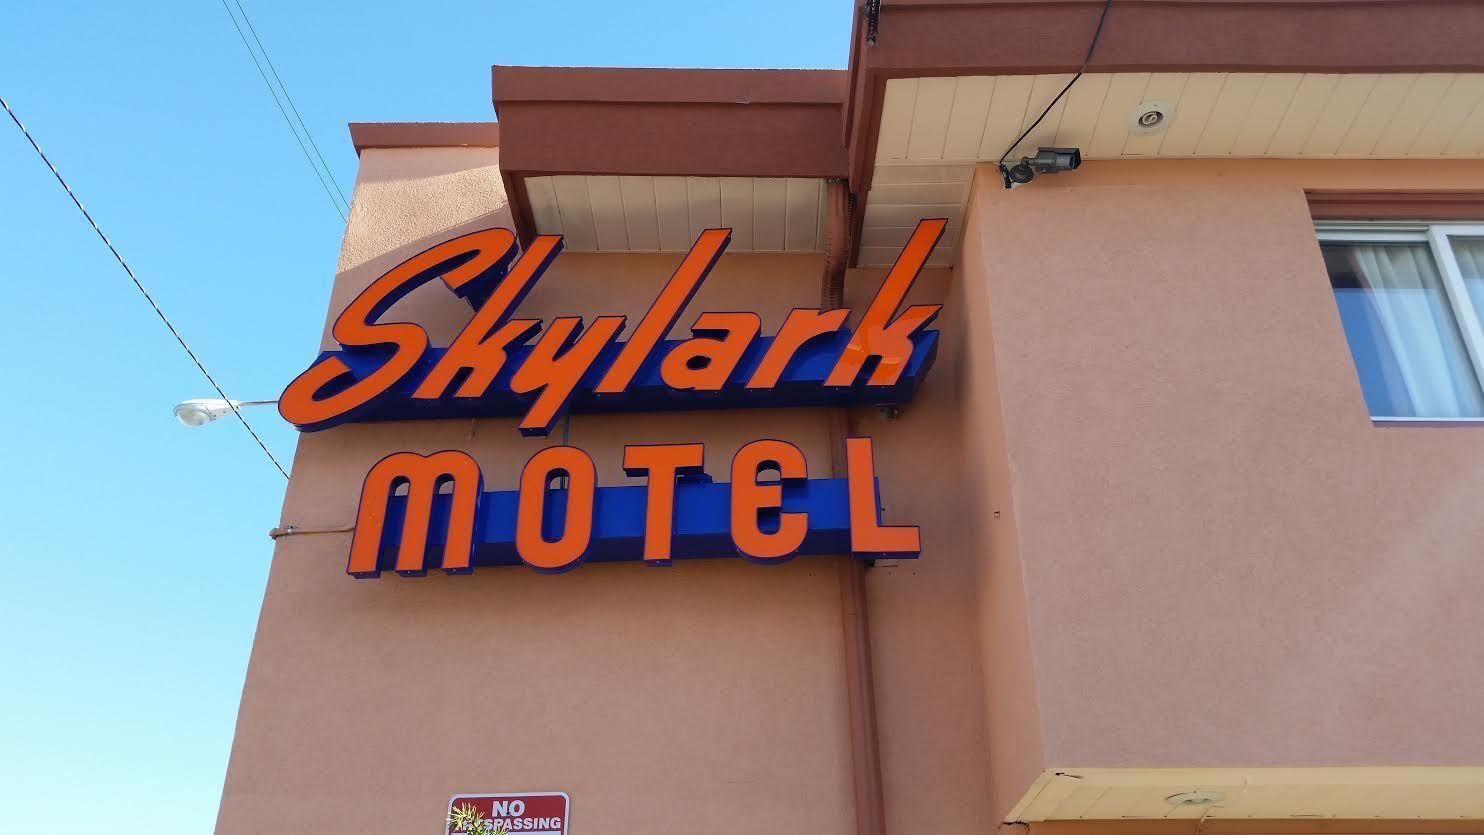 Skylark Motel Chicago